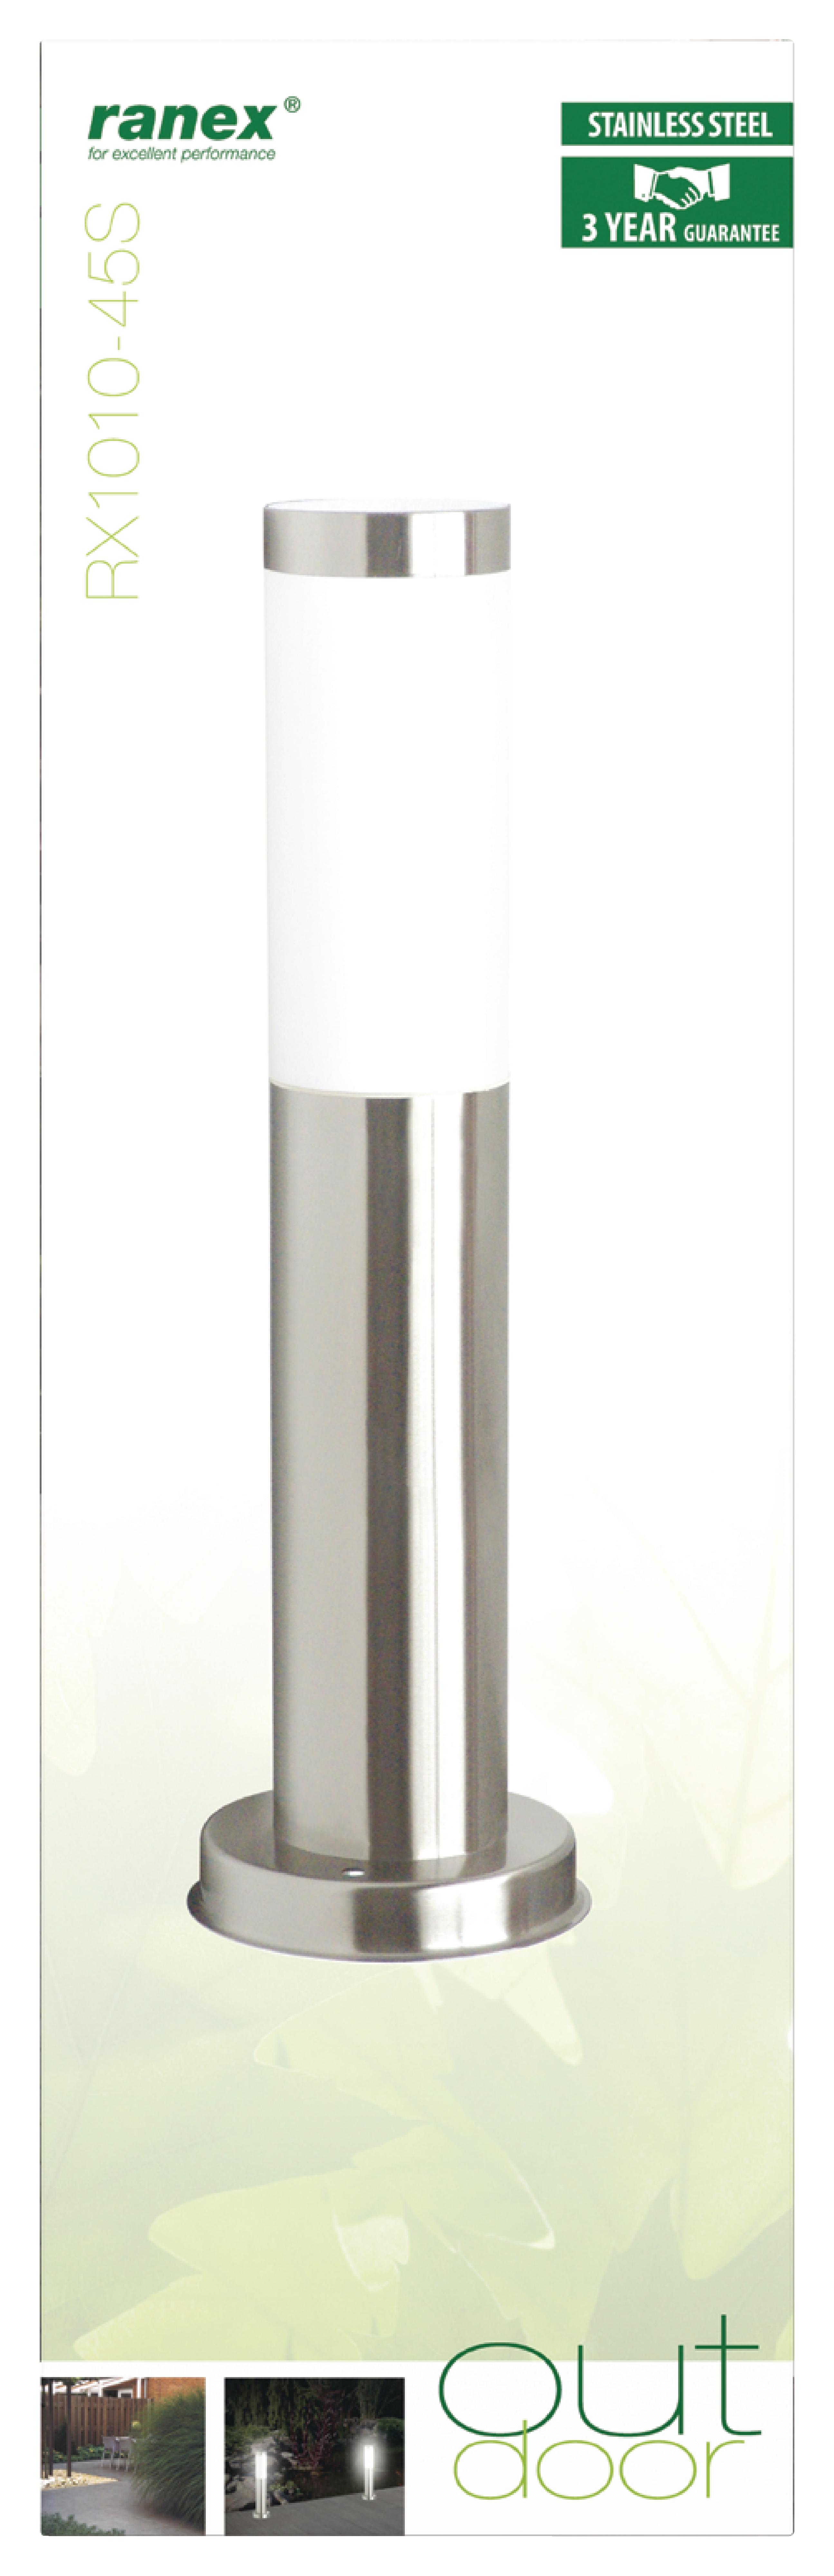 Garten-Pfosten Leuchte 20 W E27 Gebürstester Stahl